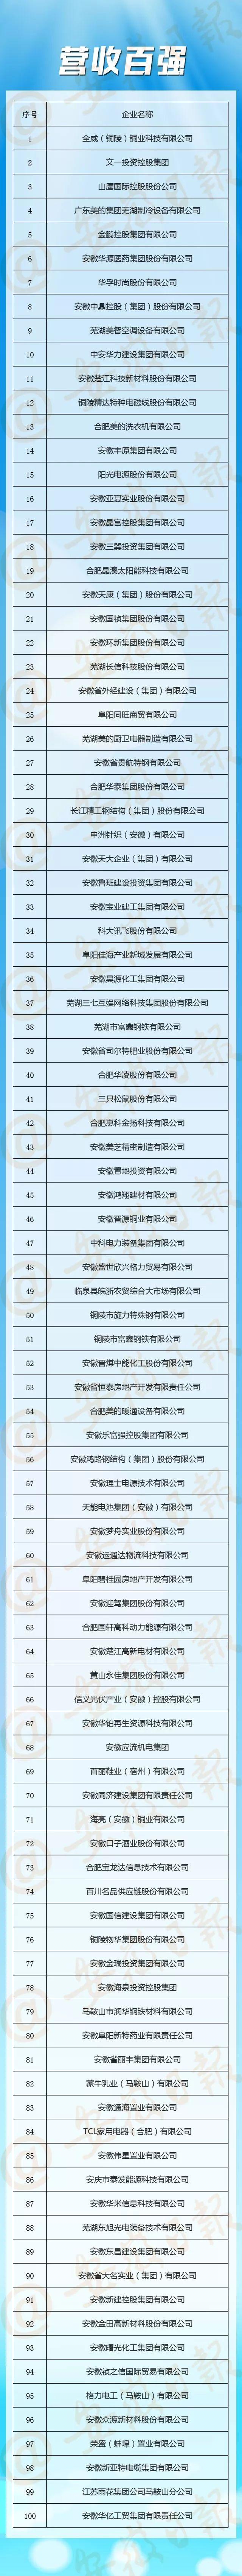 """安徽省最""""强""""的100家民营企业都在这了!熟悉么?"""